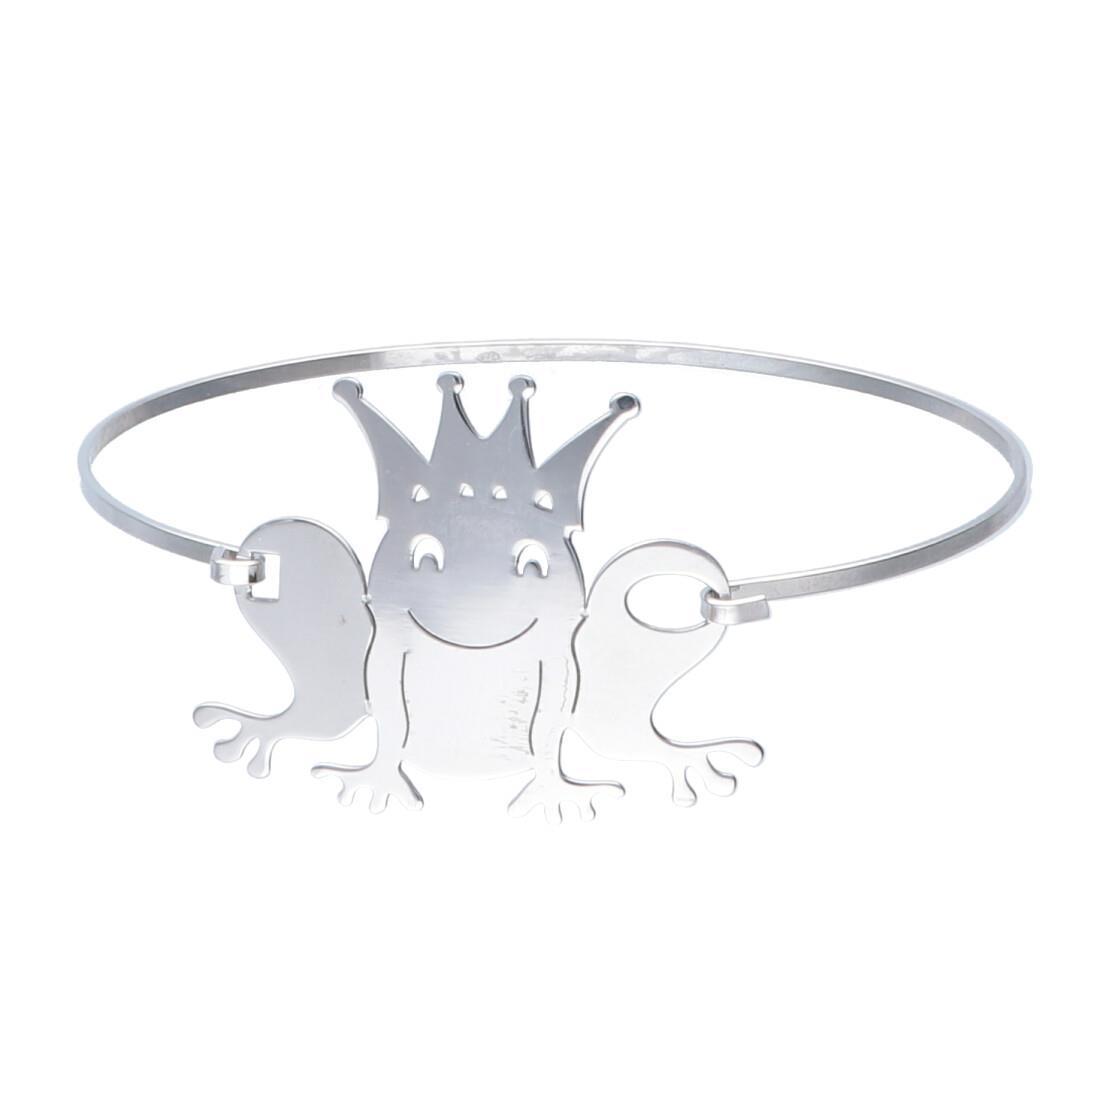 Bracciale rigido in argento - ORO&CO 925